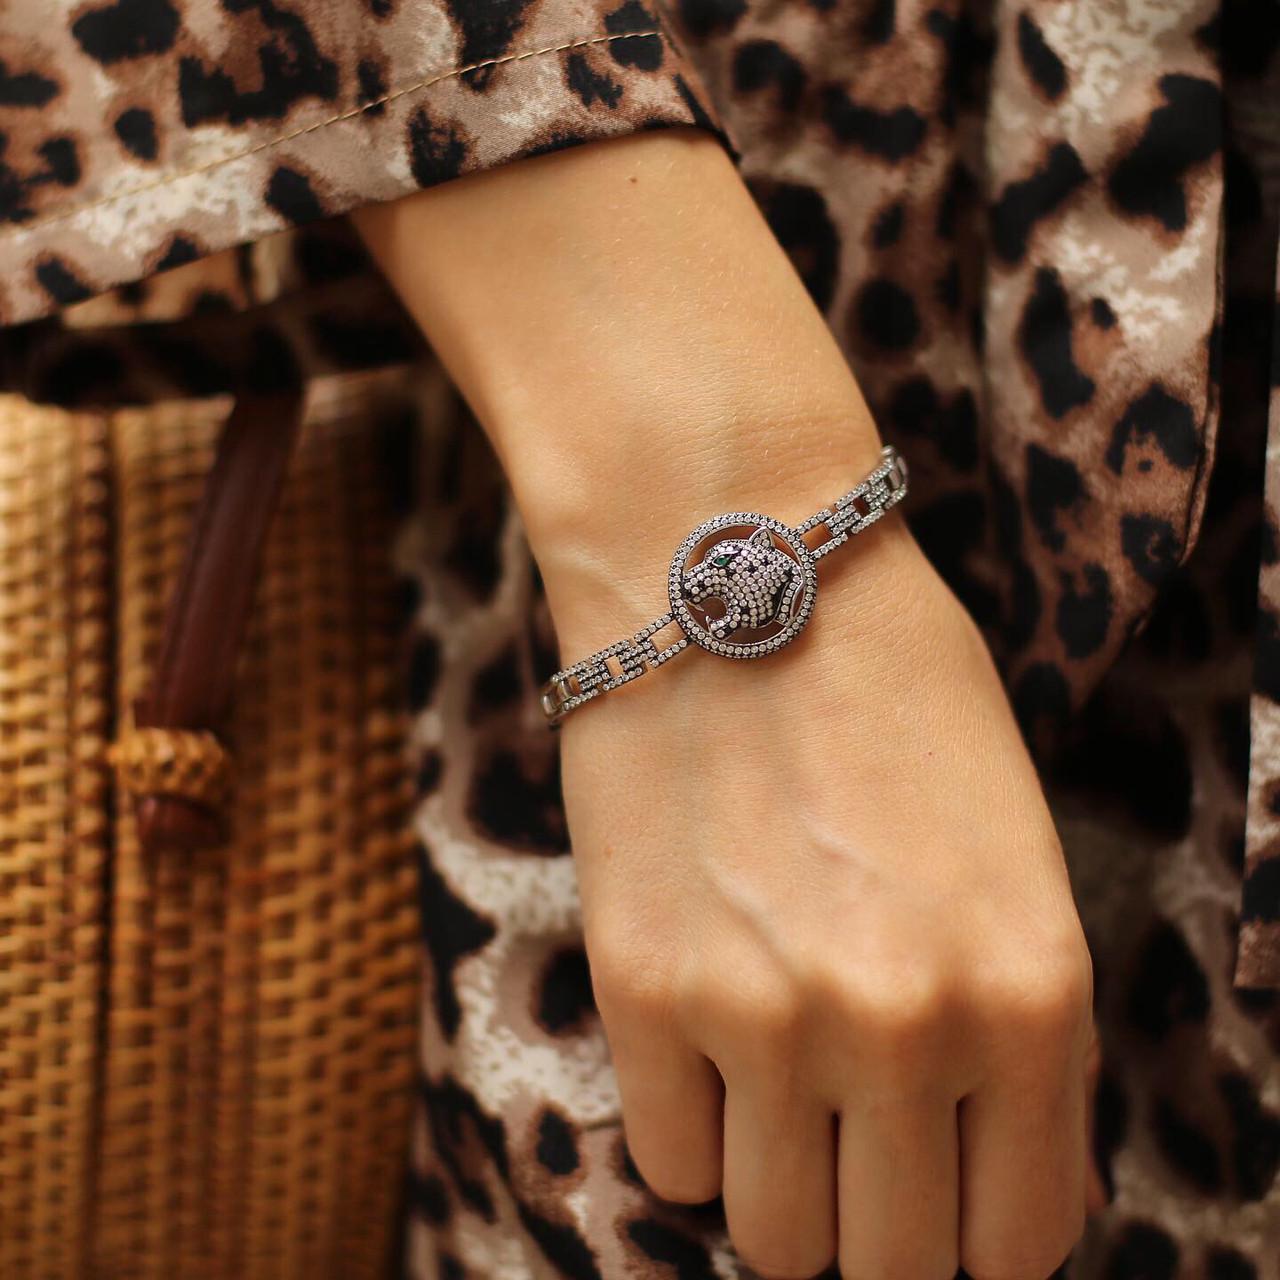 Браслет из серебра 925 My Jewels в стиле Cartier модель пантера